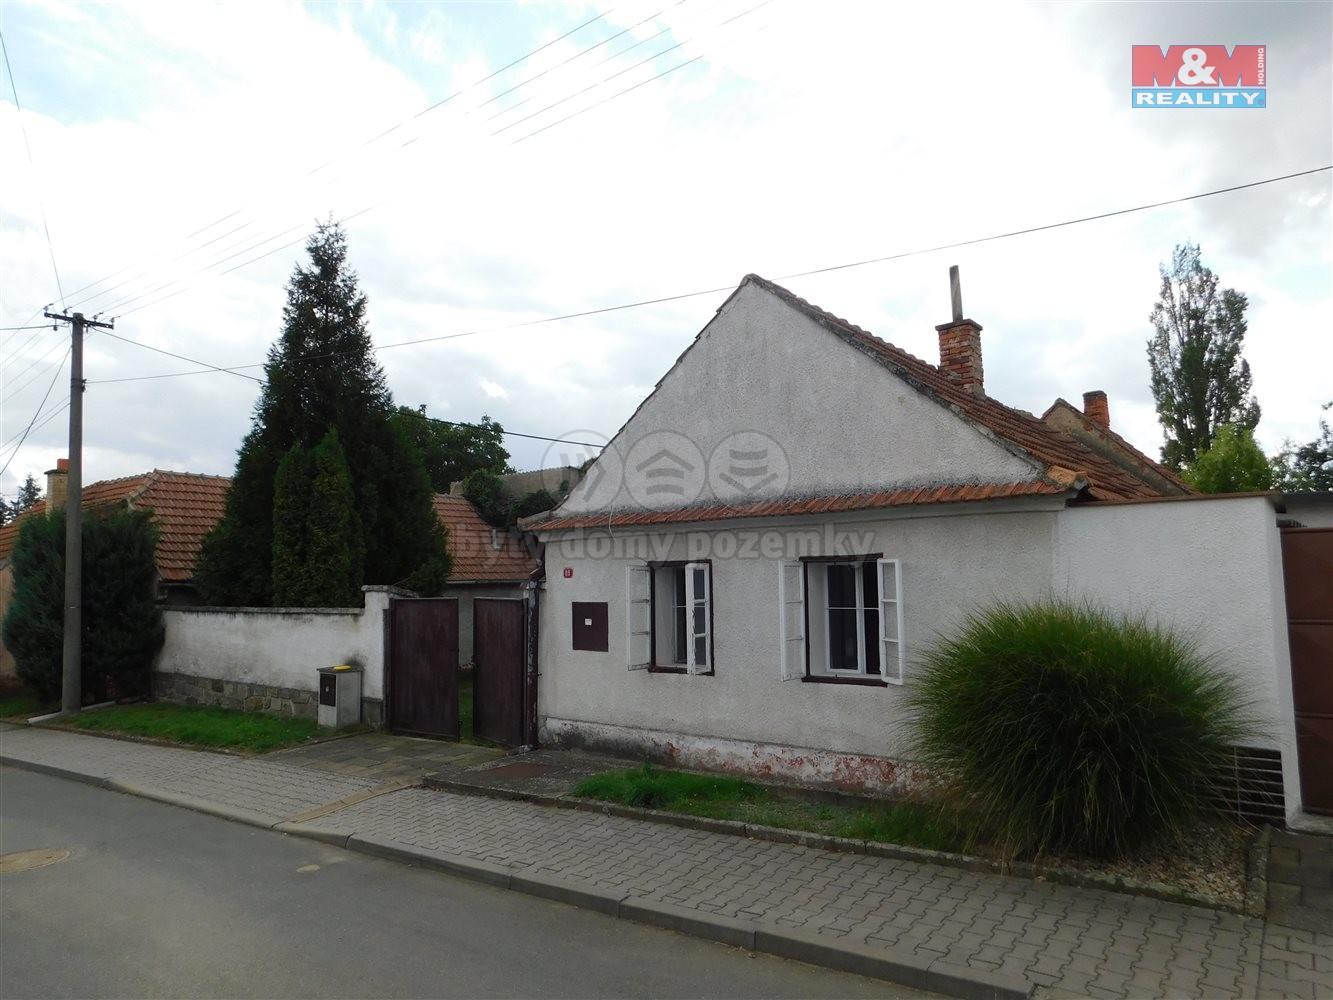 Prodej, rodinný dům 2+1, 1068 m2, Horní Dubňany